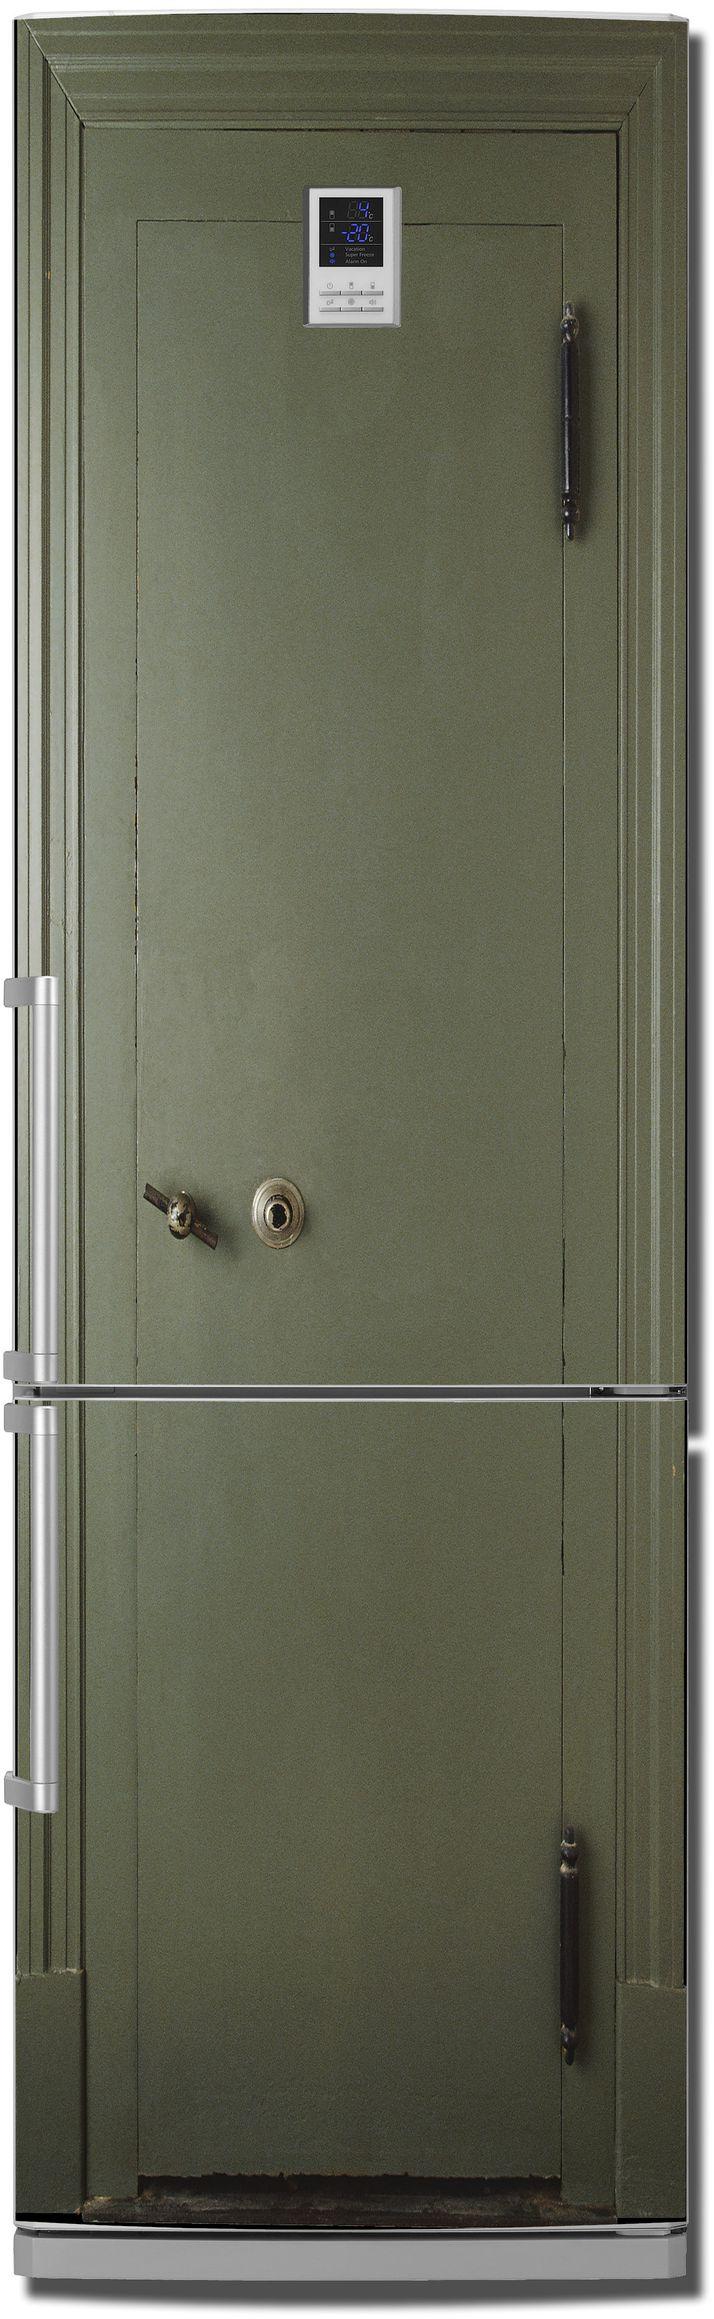 Виниловая наклейка на холодильник - Сейф.